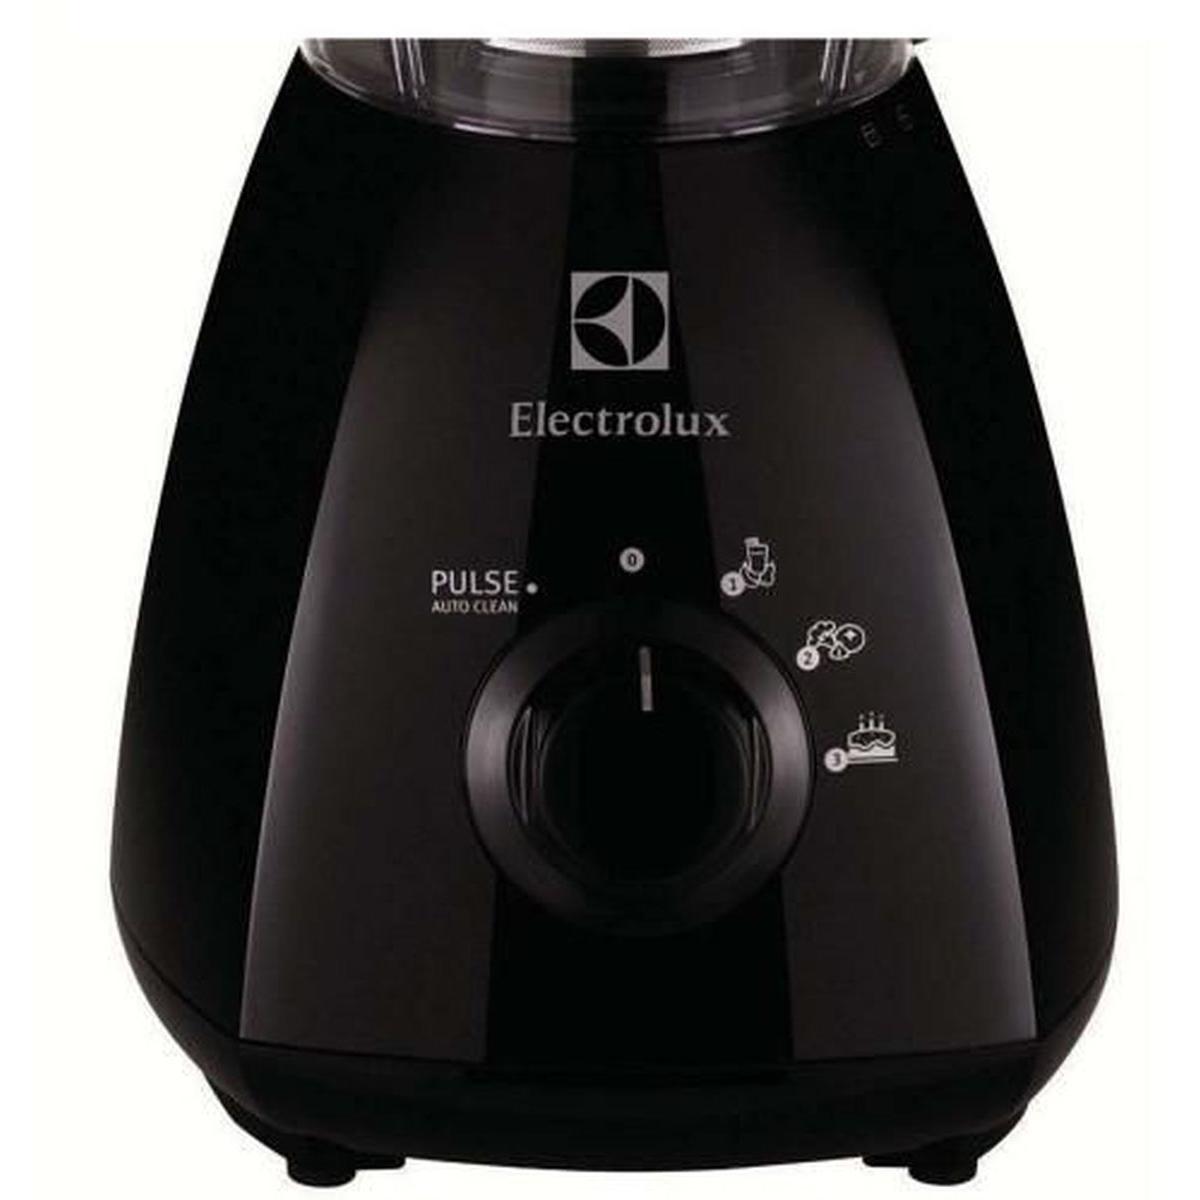 Liquidificador Easyline BBR12 3 velocidades 220V Electrolux